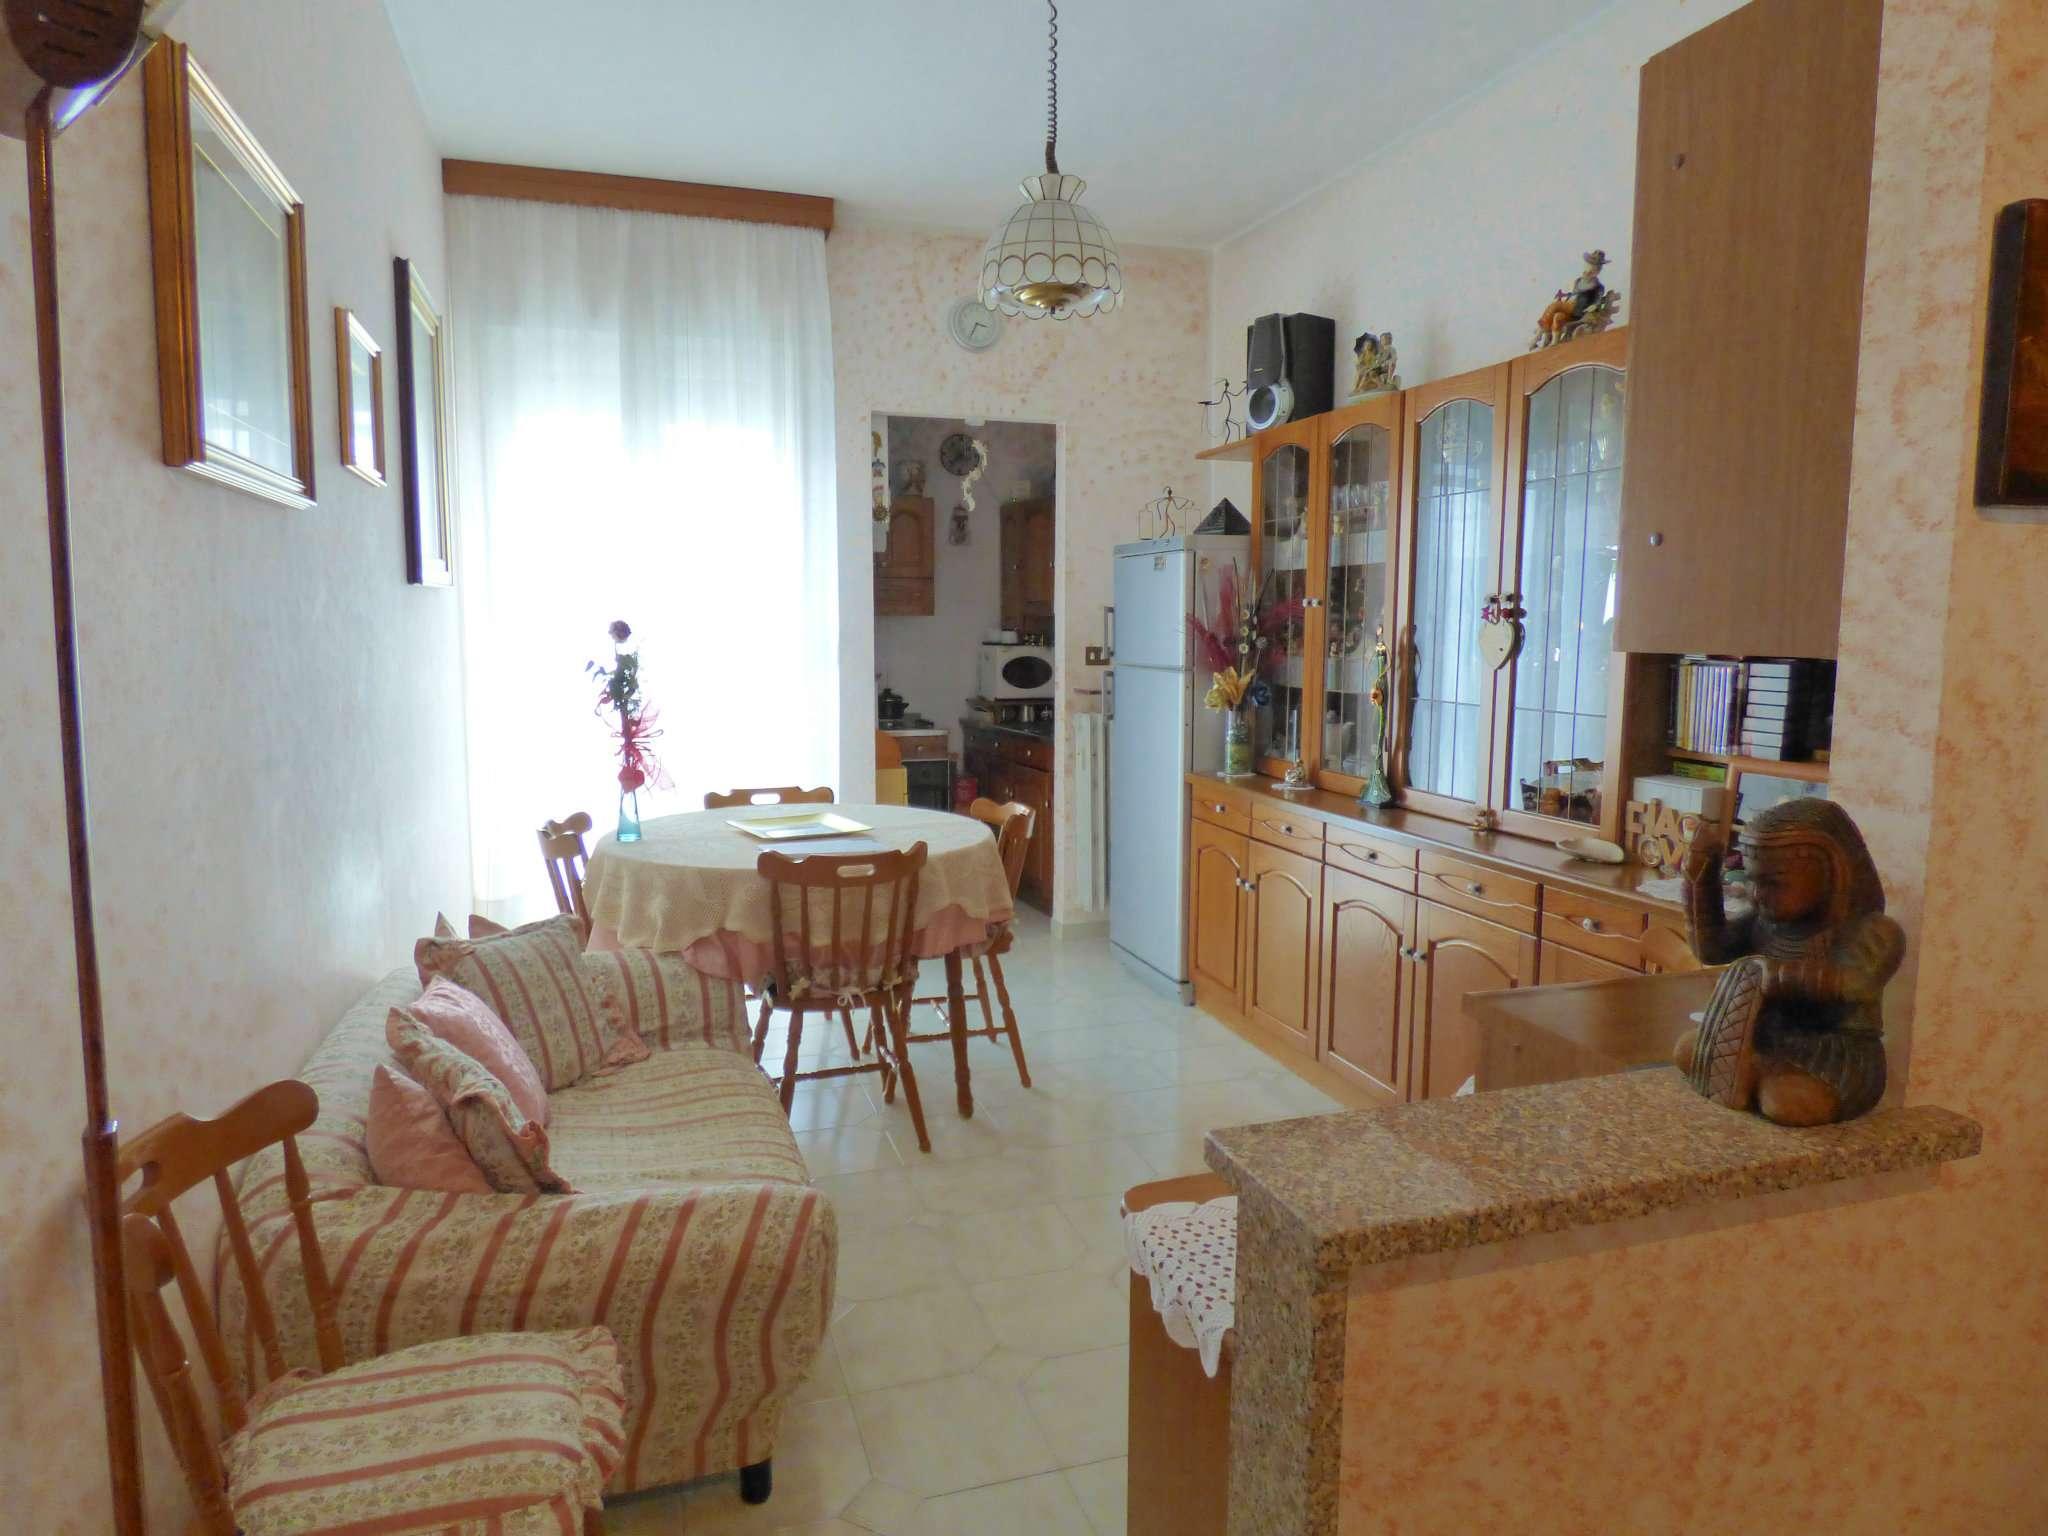 Appartamento in vendita a Borgaro Torinese, 3 locali, prezzo € 98.000   CambioCasa.it